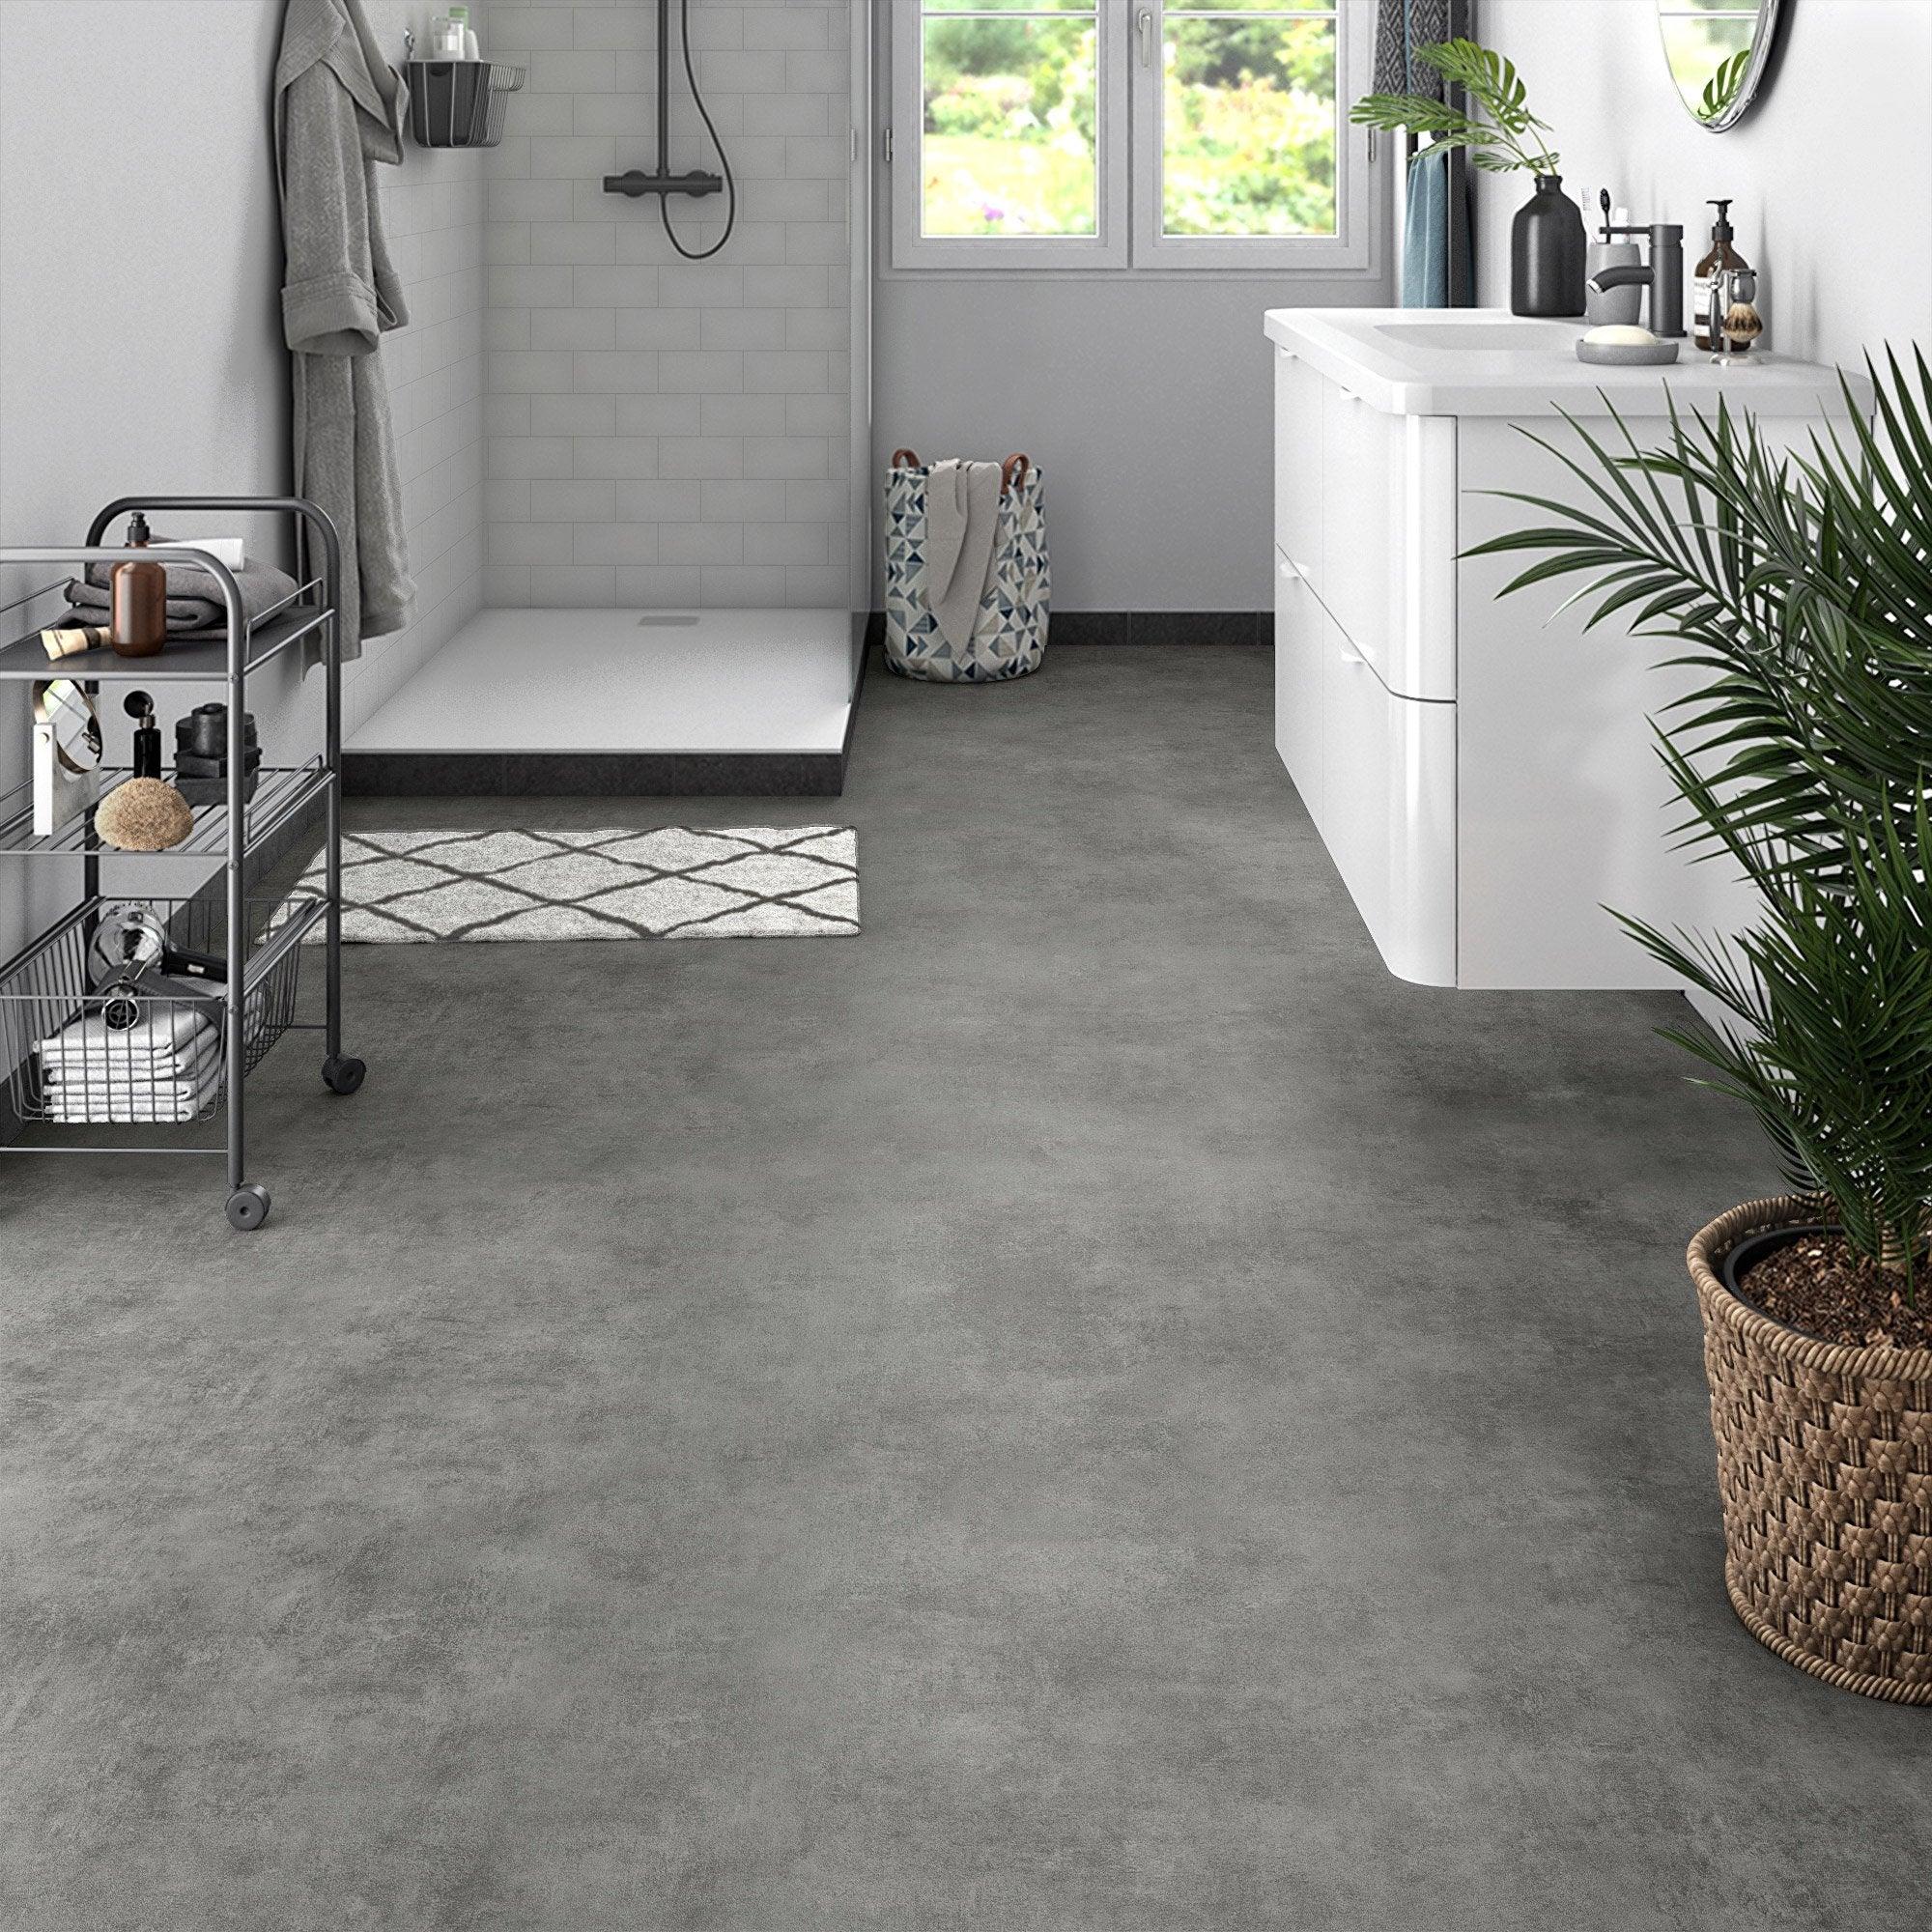 Sol PVC effet béton gris oxyd Livraison incluse l.8 m